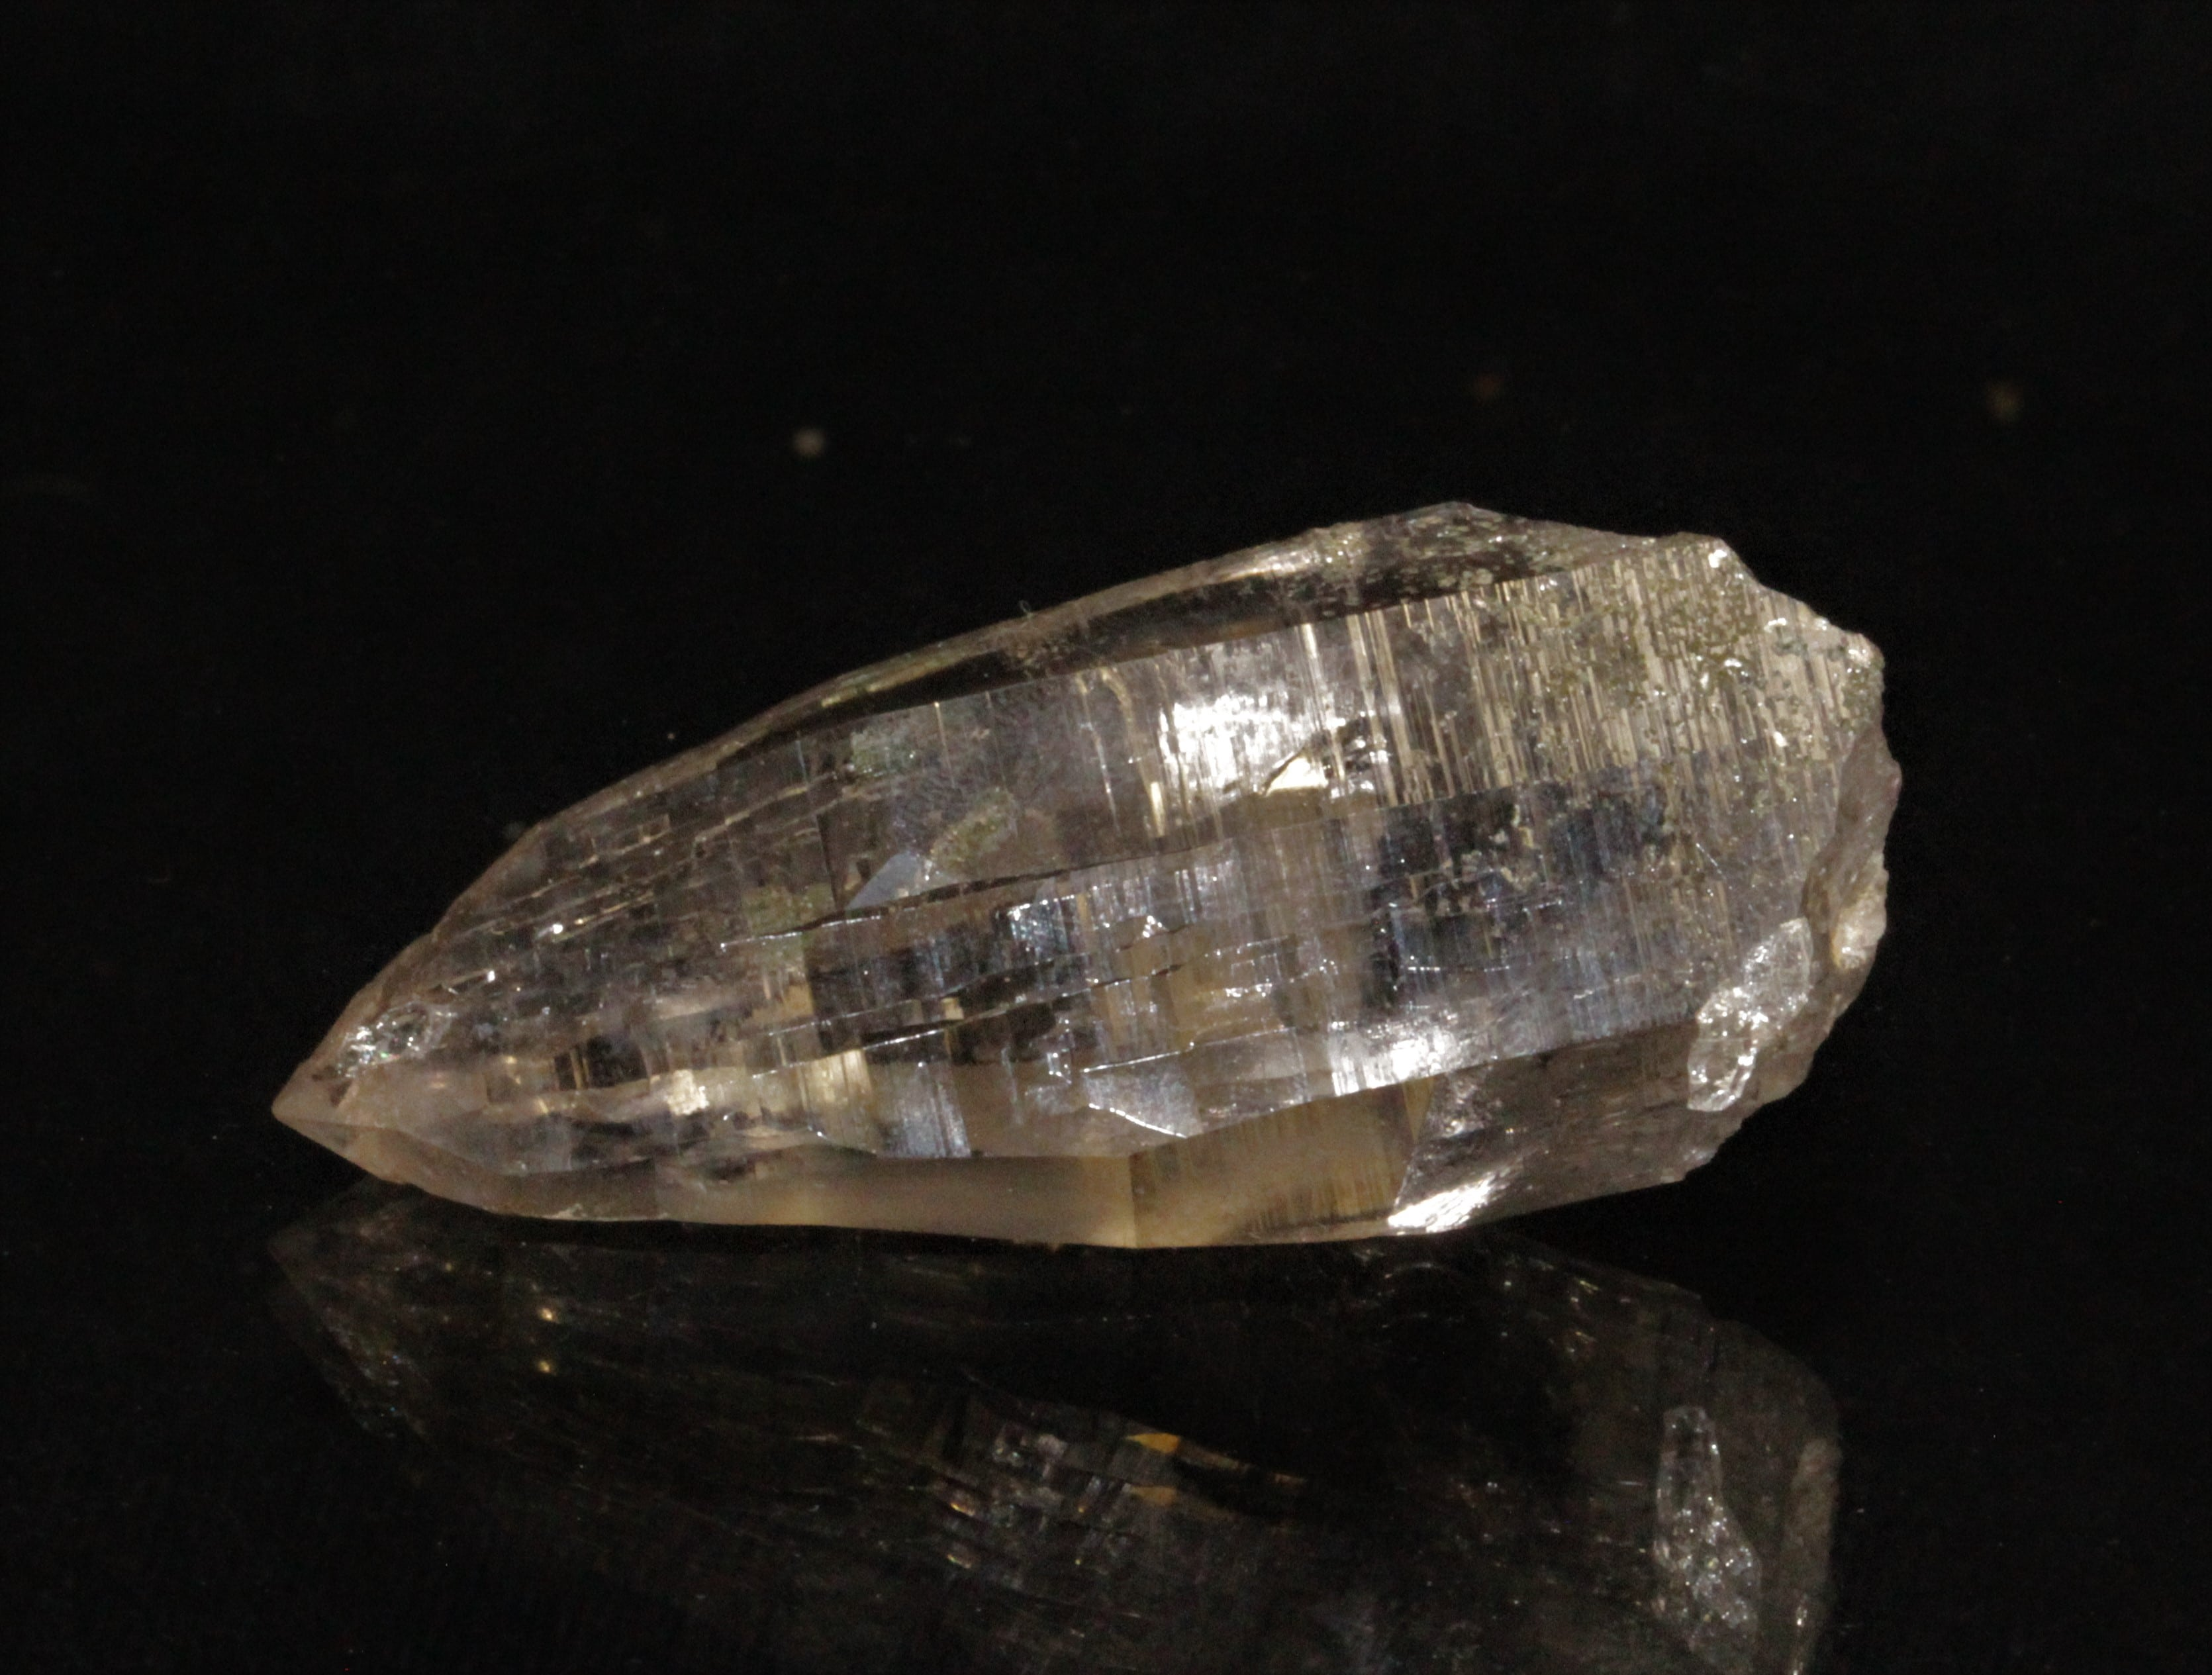 Cristal de Quartz habitus Tessiner, Piora, Quinto, Tessin, Suisse.